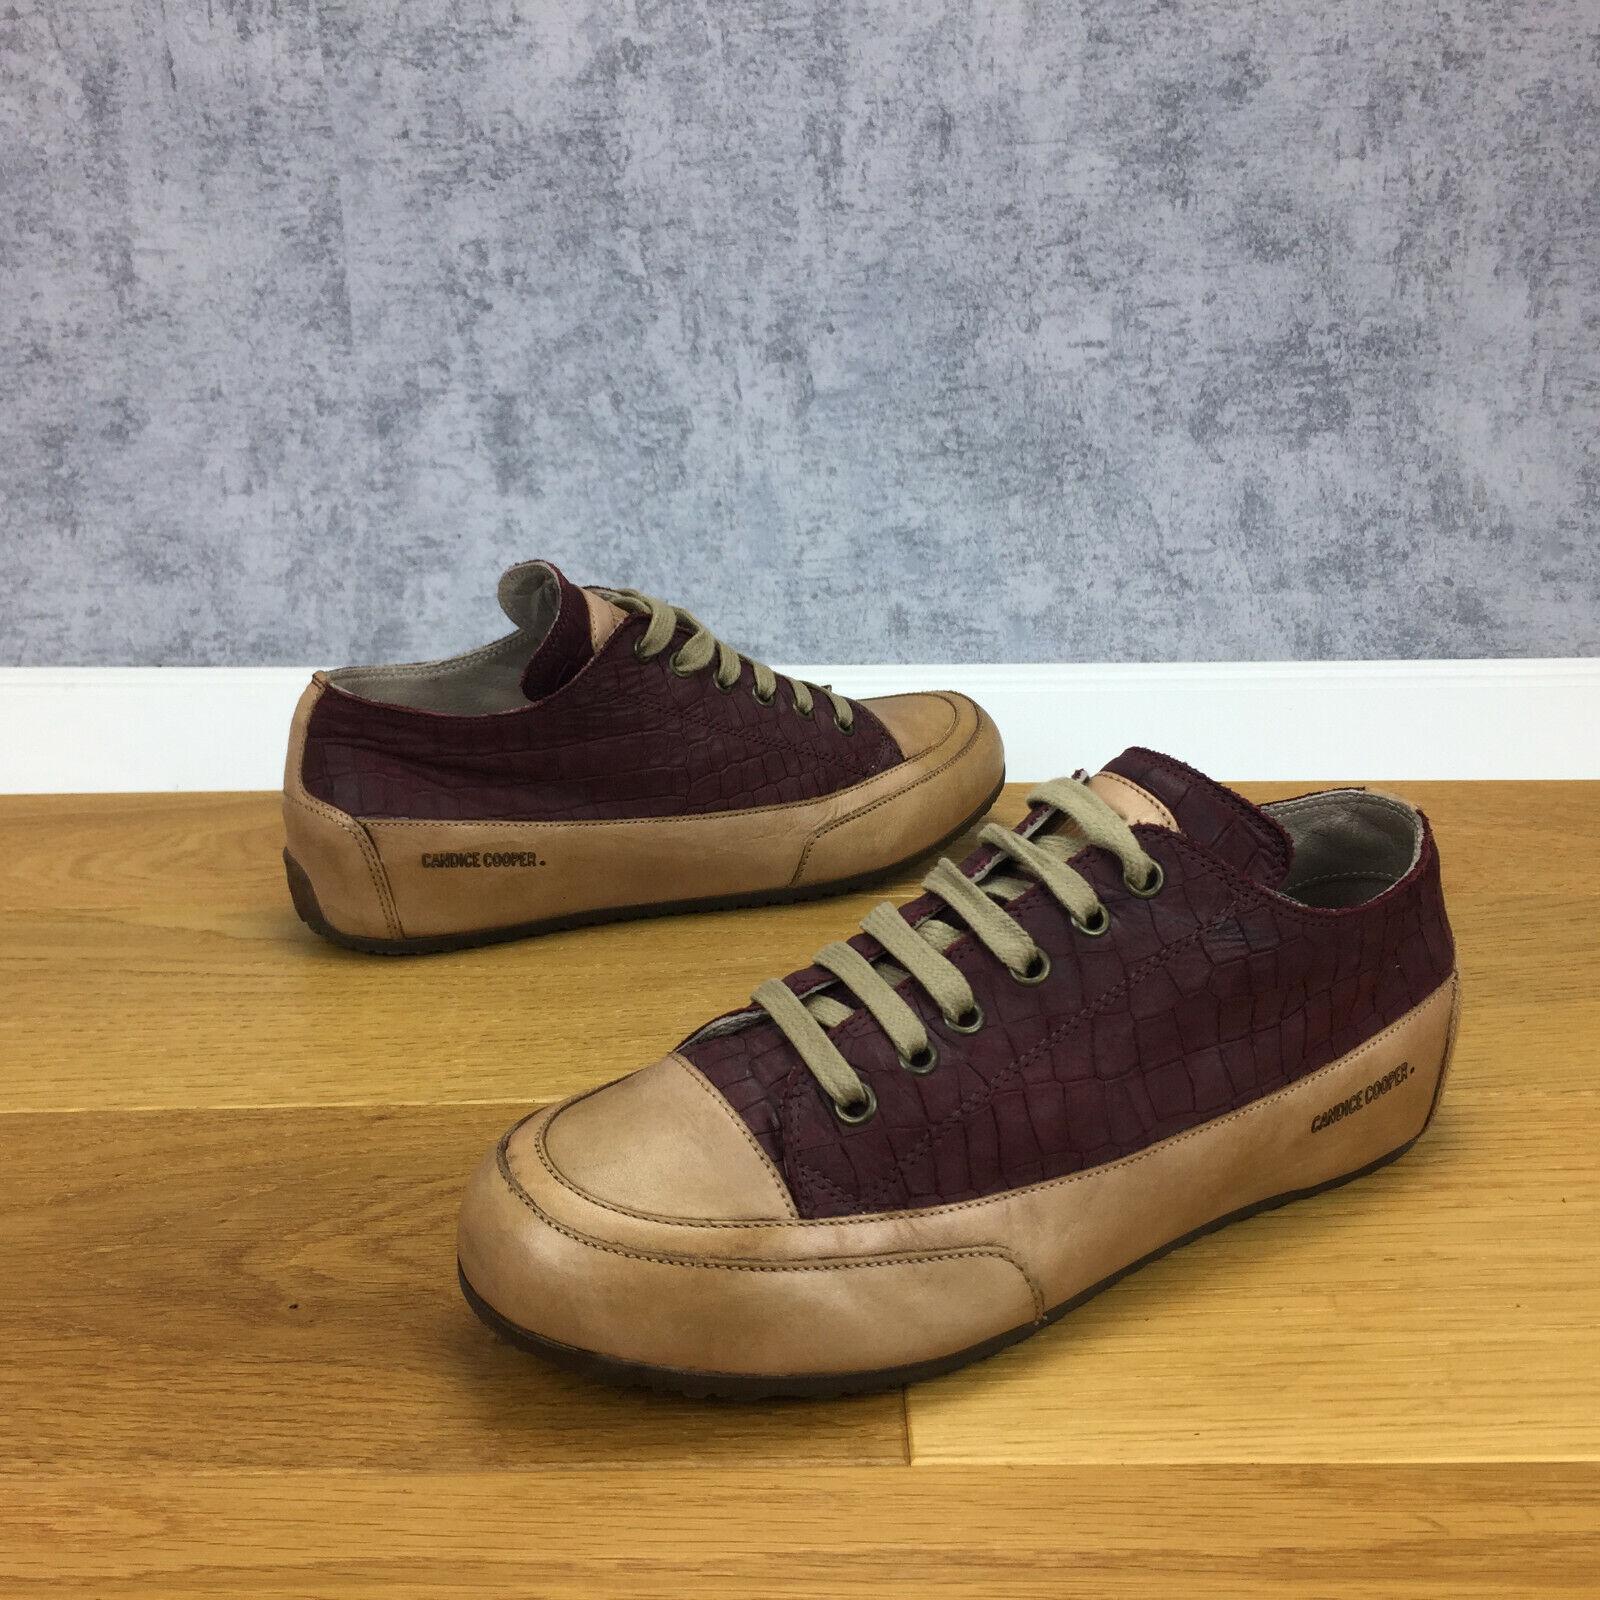 Adidas Superstar 80s WeißSchwarz AD Originals Schuhe